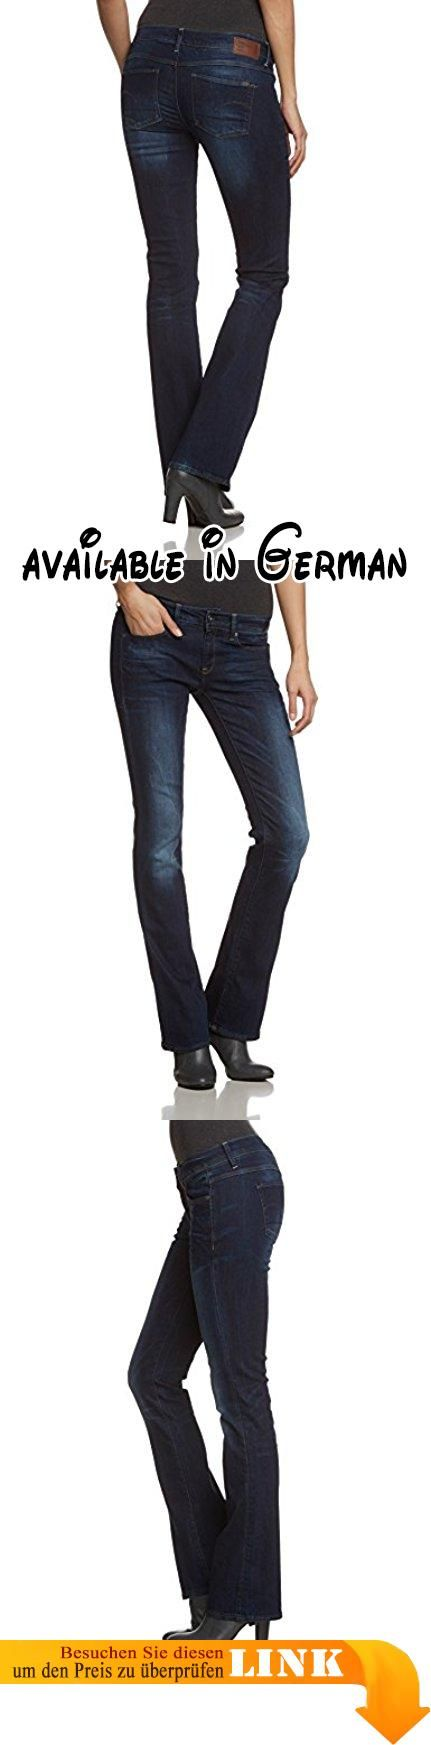 G-STAR Damen Jeanshose 3301 Mid Bootleg Wmn - neutro stretch denim, Gr. W26/L32, Blau (dk aged 6553-89). Die G-Star 3301 ist eine stilneutrale Jeans mit klassischem 5-Pocket-Schnitt. Auf ihre reine Form reduziert, kombiniert diese essentielle Jeans authentische Details mit purem Styling.Die [PN] ist aus kompaktem Denim mit blau-schwarzem Basiston und super Stretch gefertigt.92% Baumwolle, 7% Polyester, 1% ElastanMit dunklen, verblichenen Stellen, die diesem Kleidungsstück